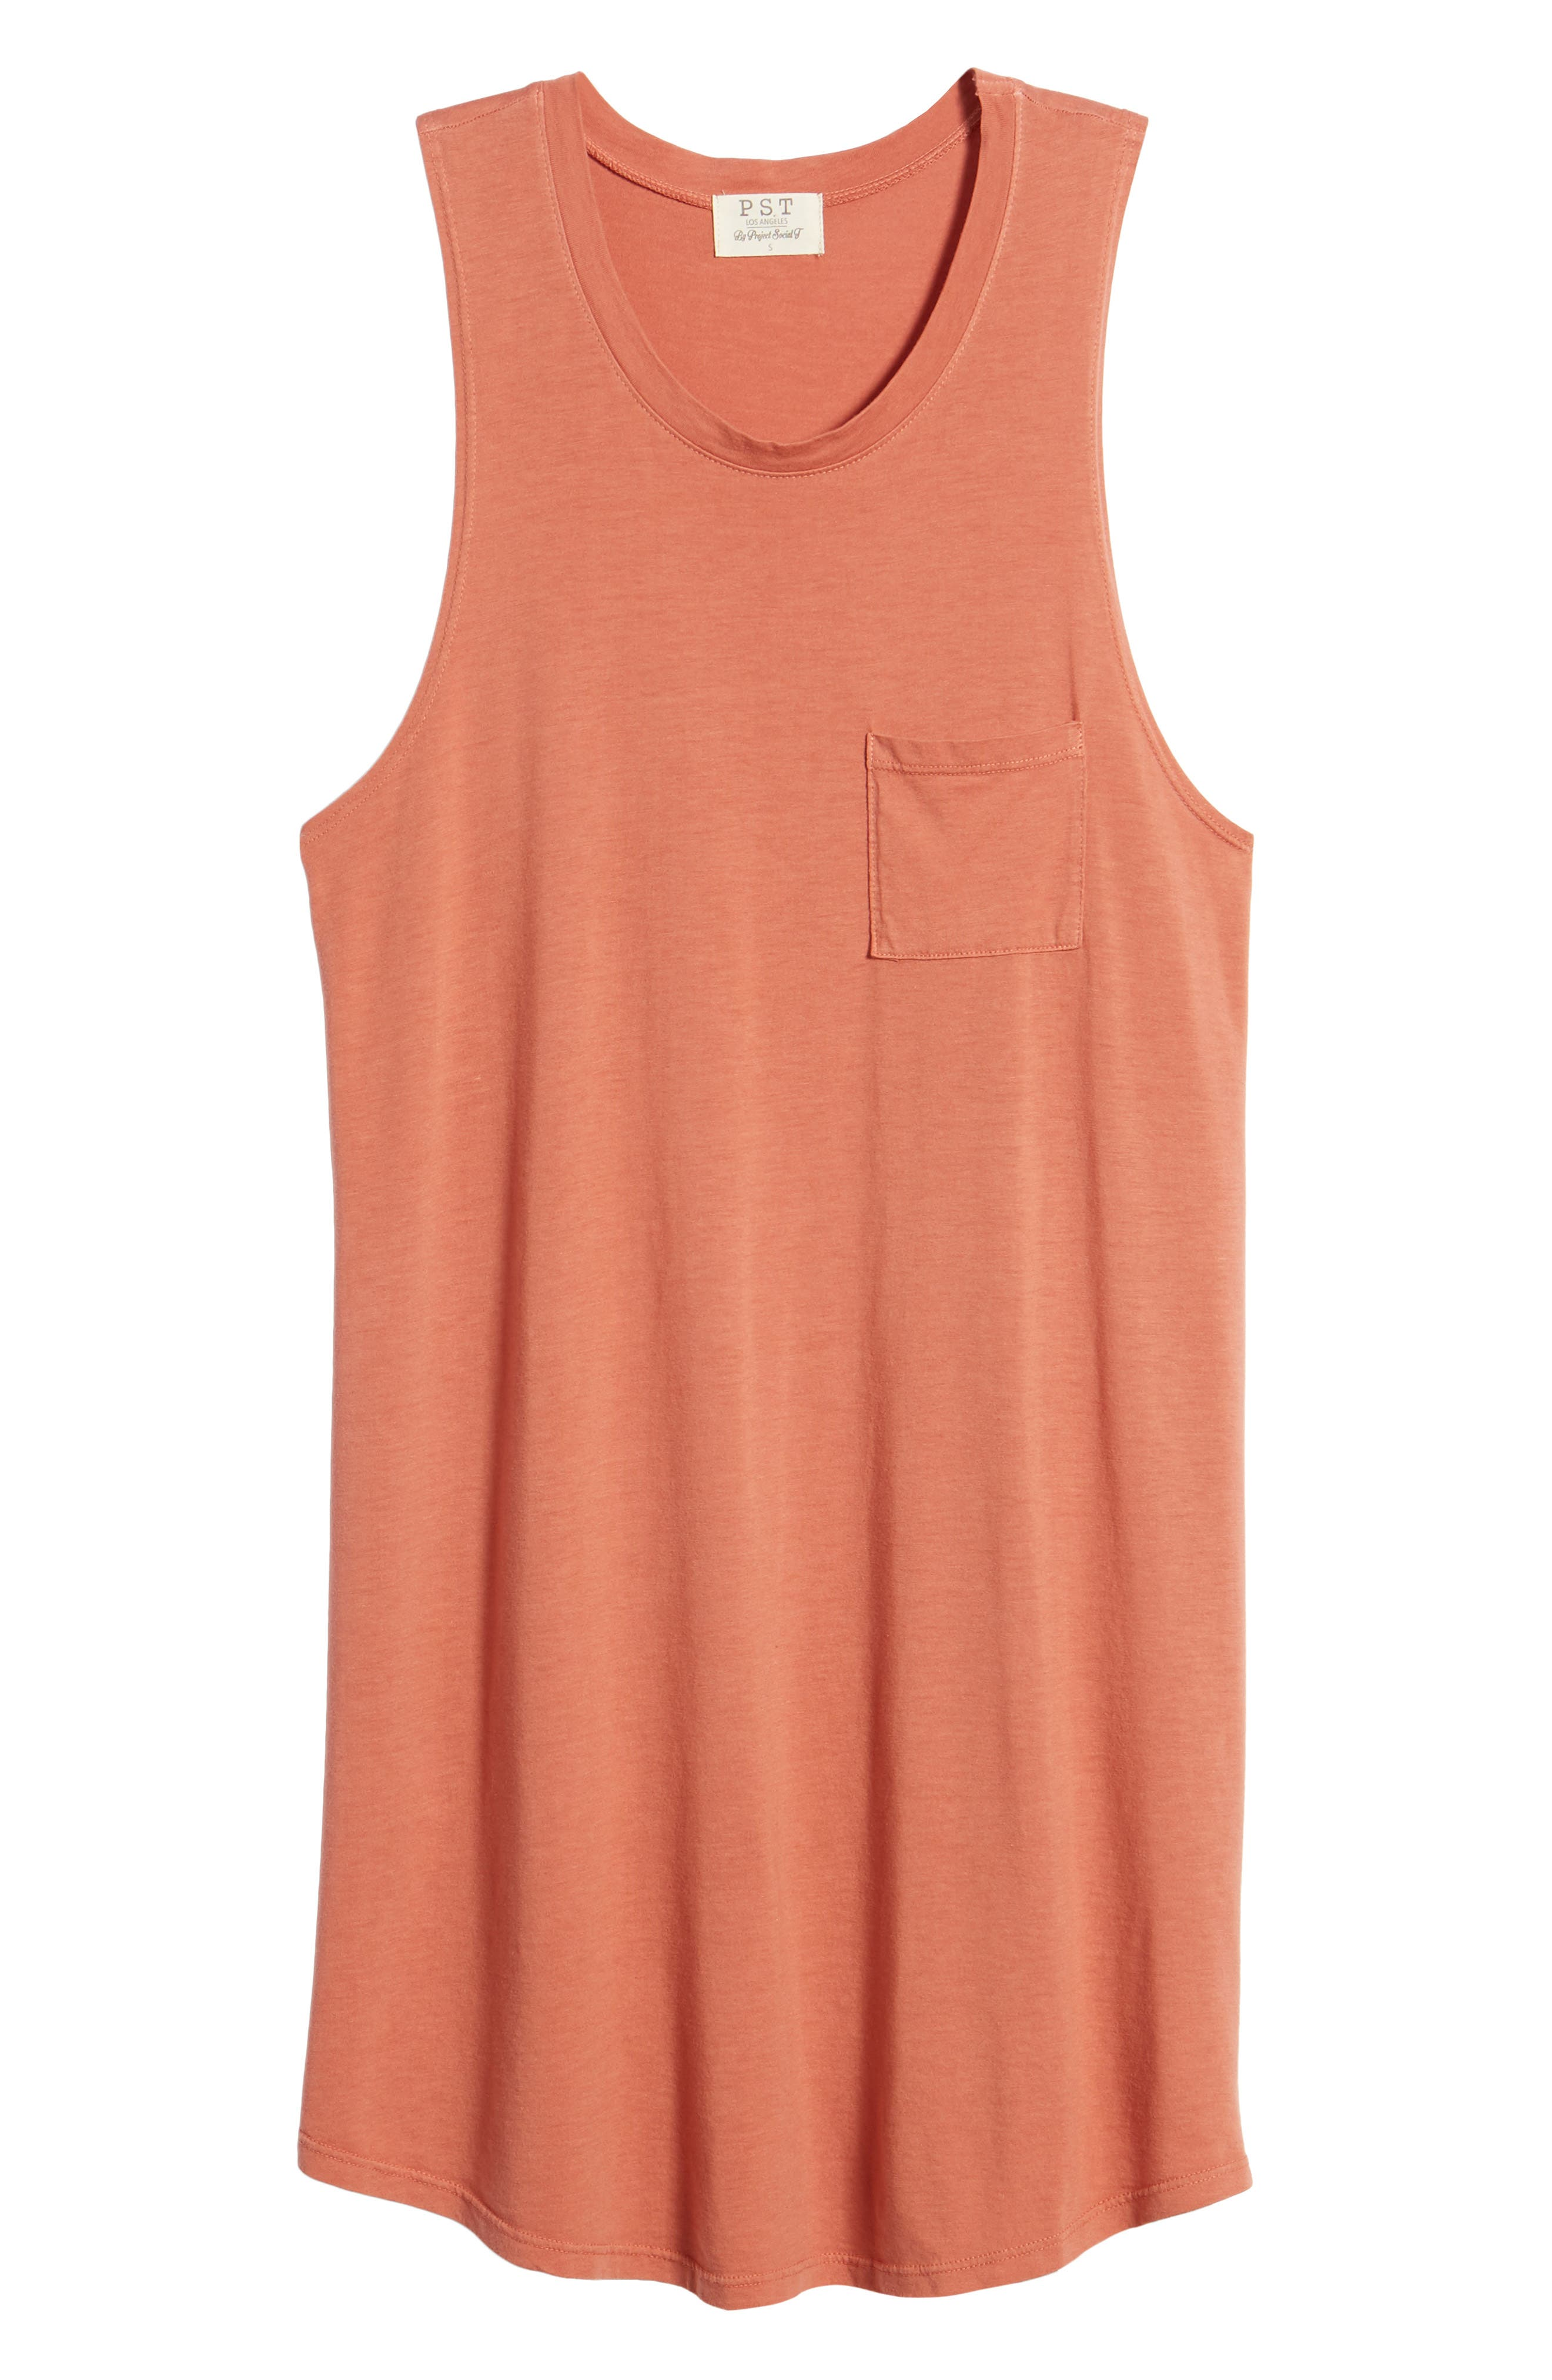 Pocket Tank Dress,                             Alternate thumbnail 7, color,                             PINK DESERT